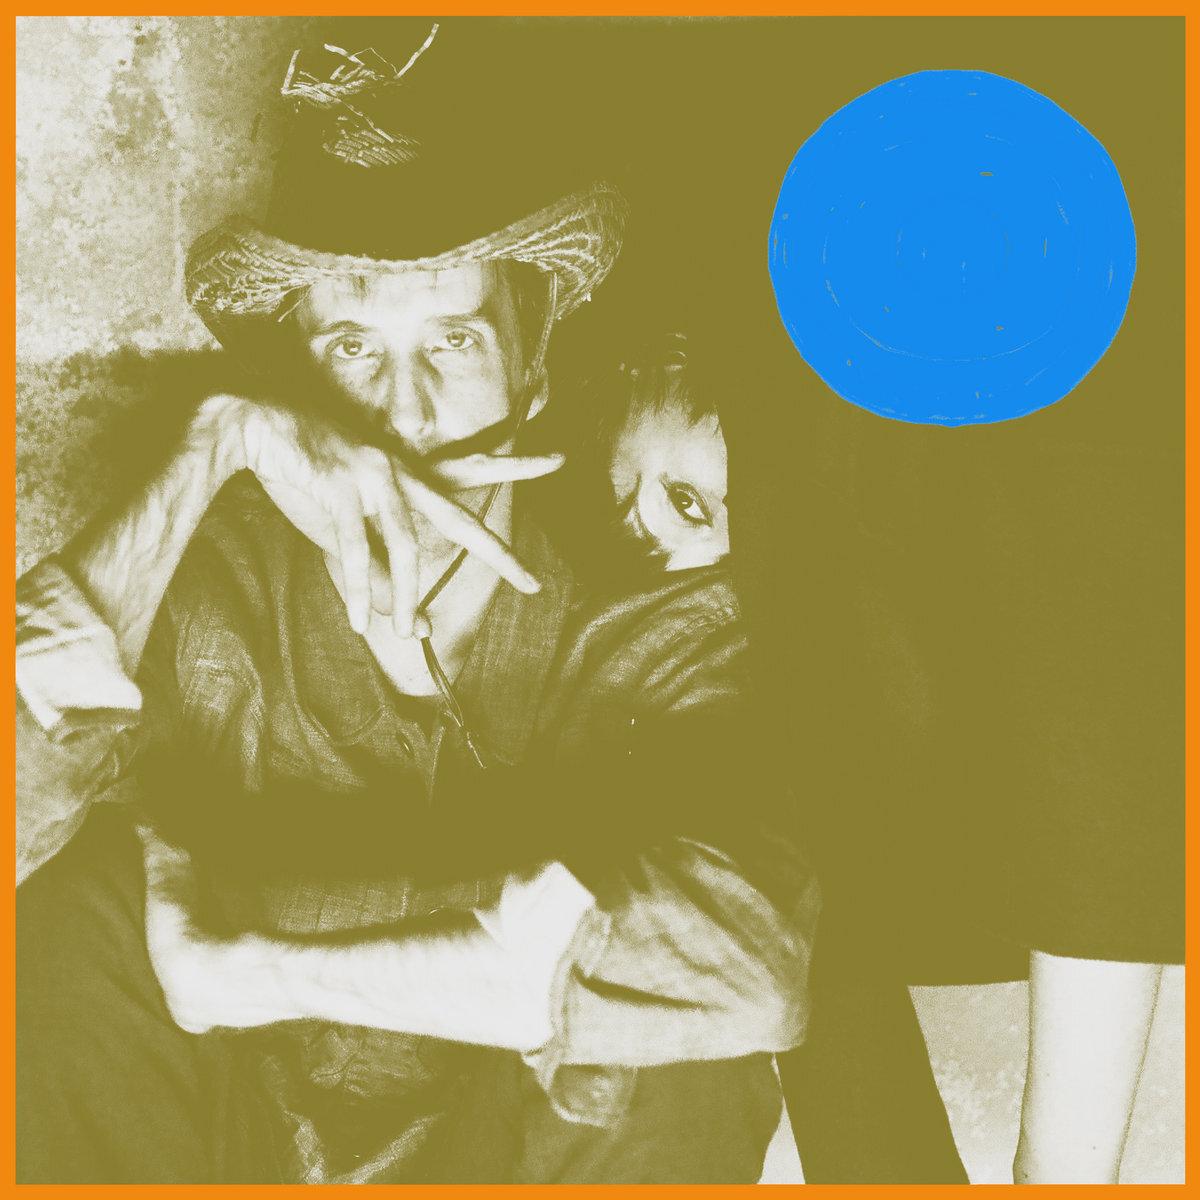 Cate Le Bon & Bradford Cox - Myths 004 (LP)